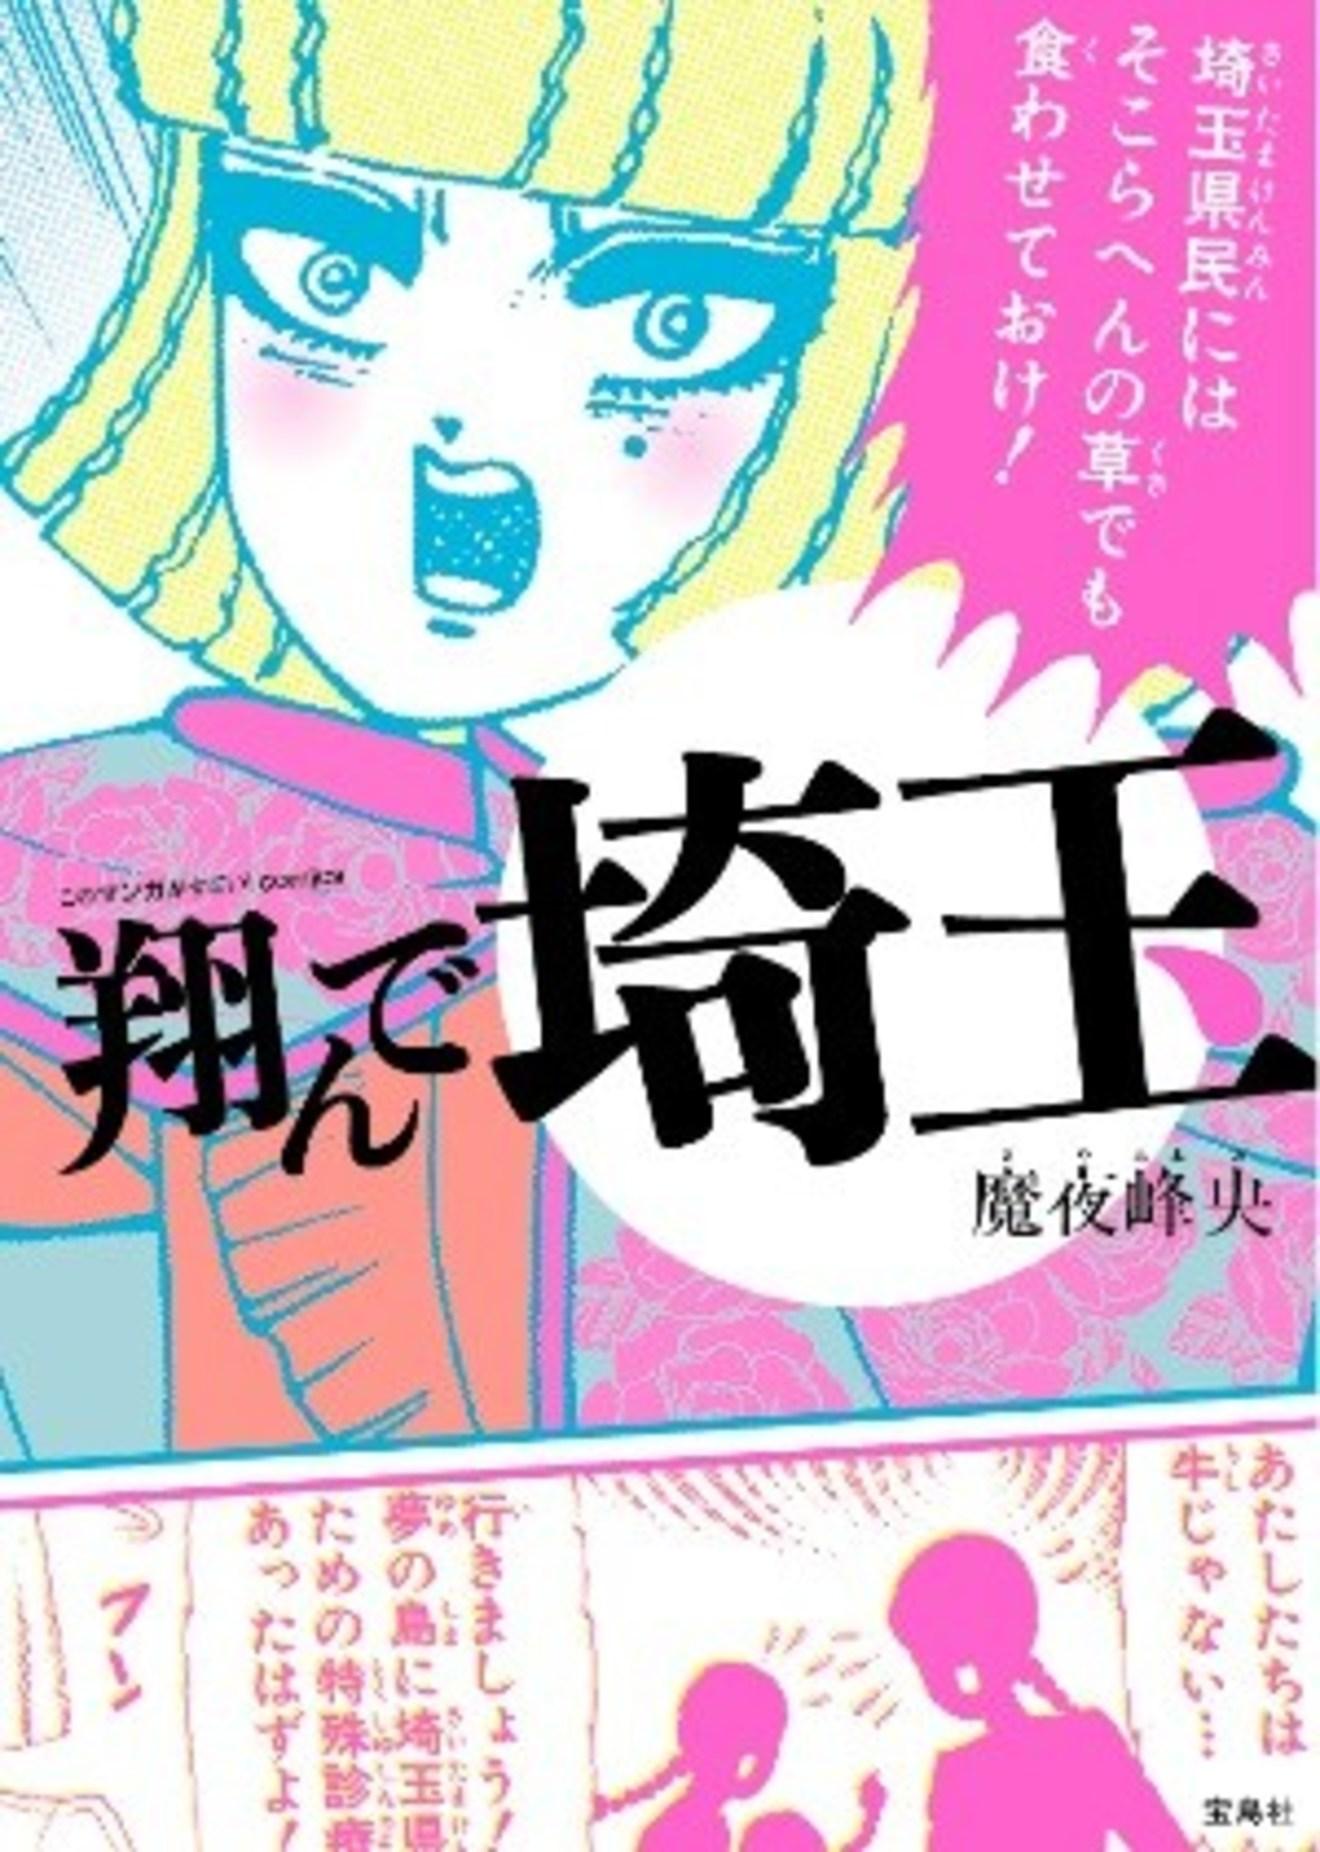 漫画『翔んで埼玉』のヤバい名言ランキングベスト15!豪華キャストで実写化